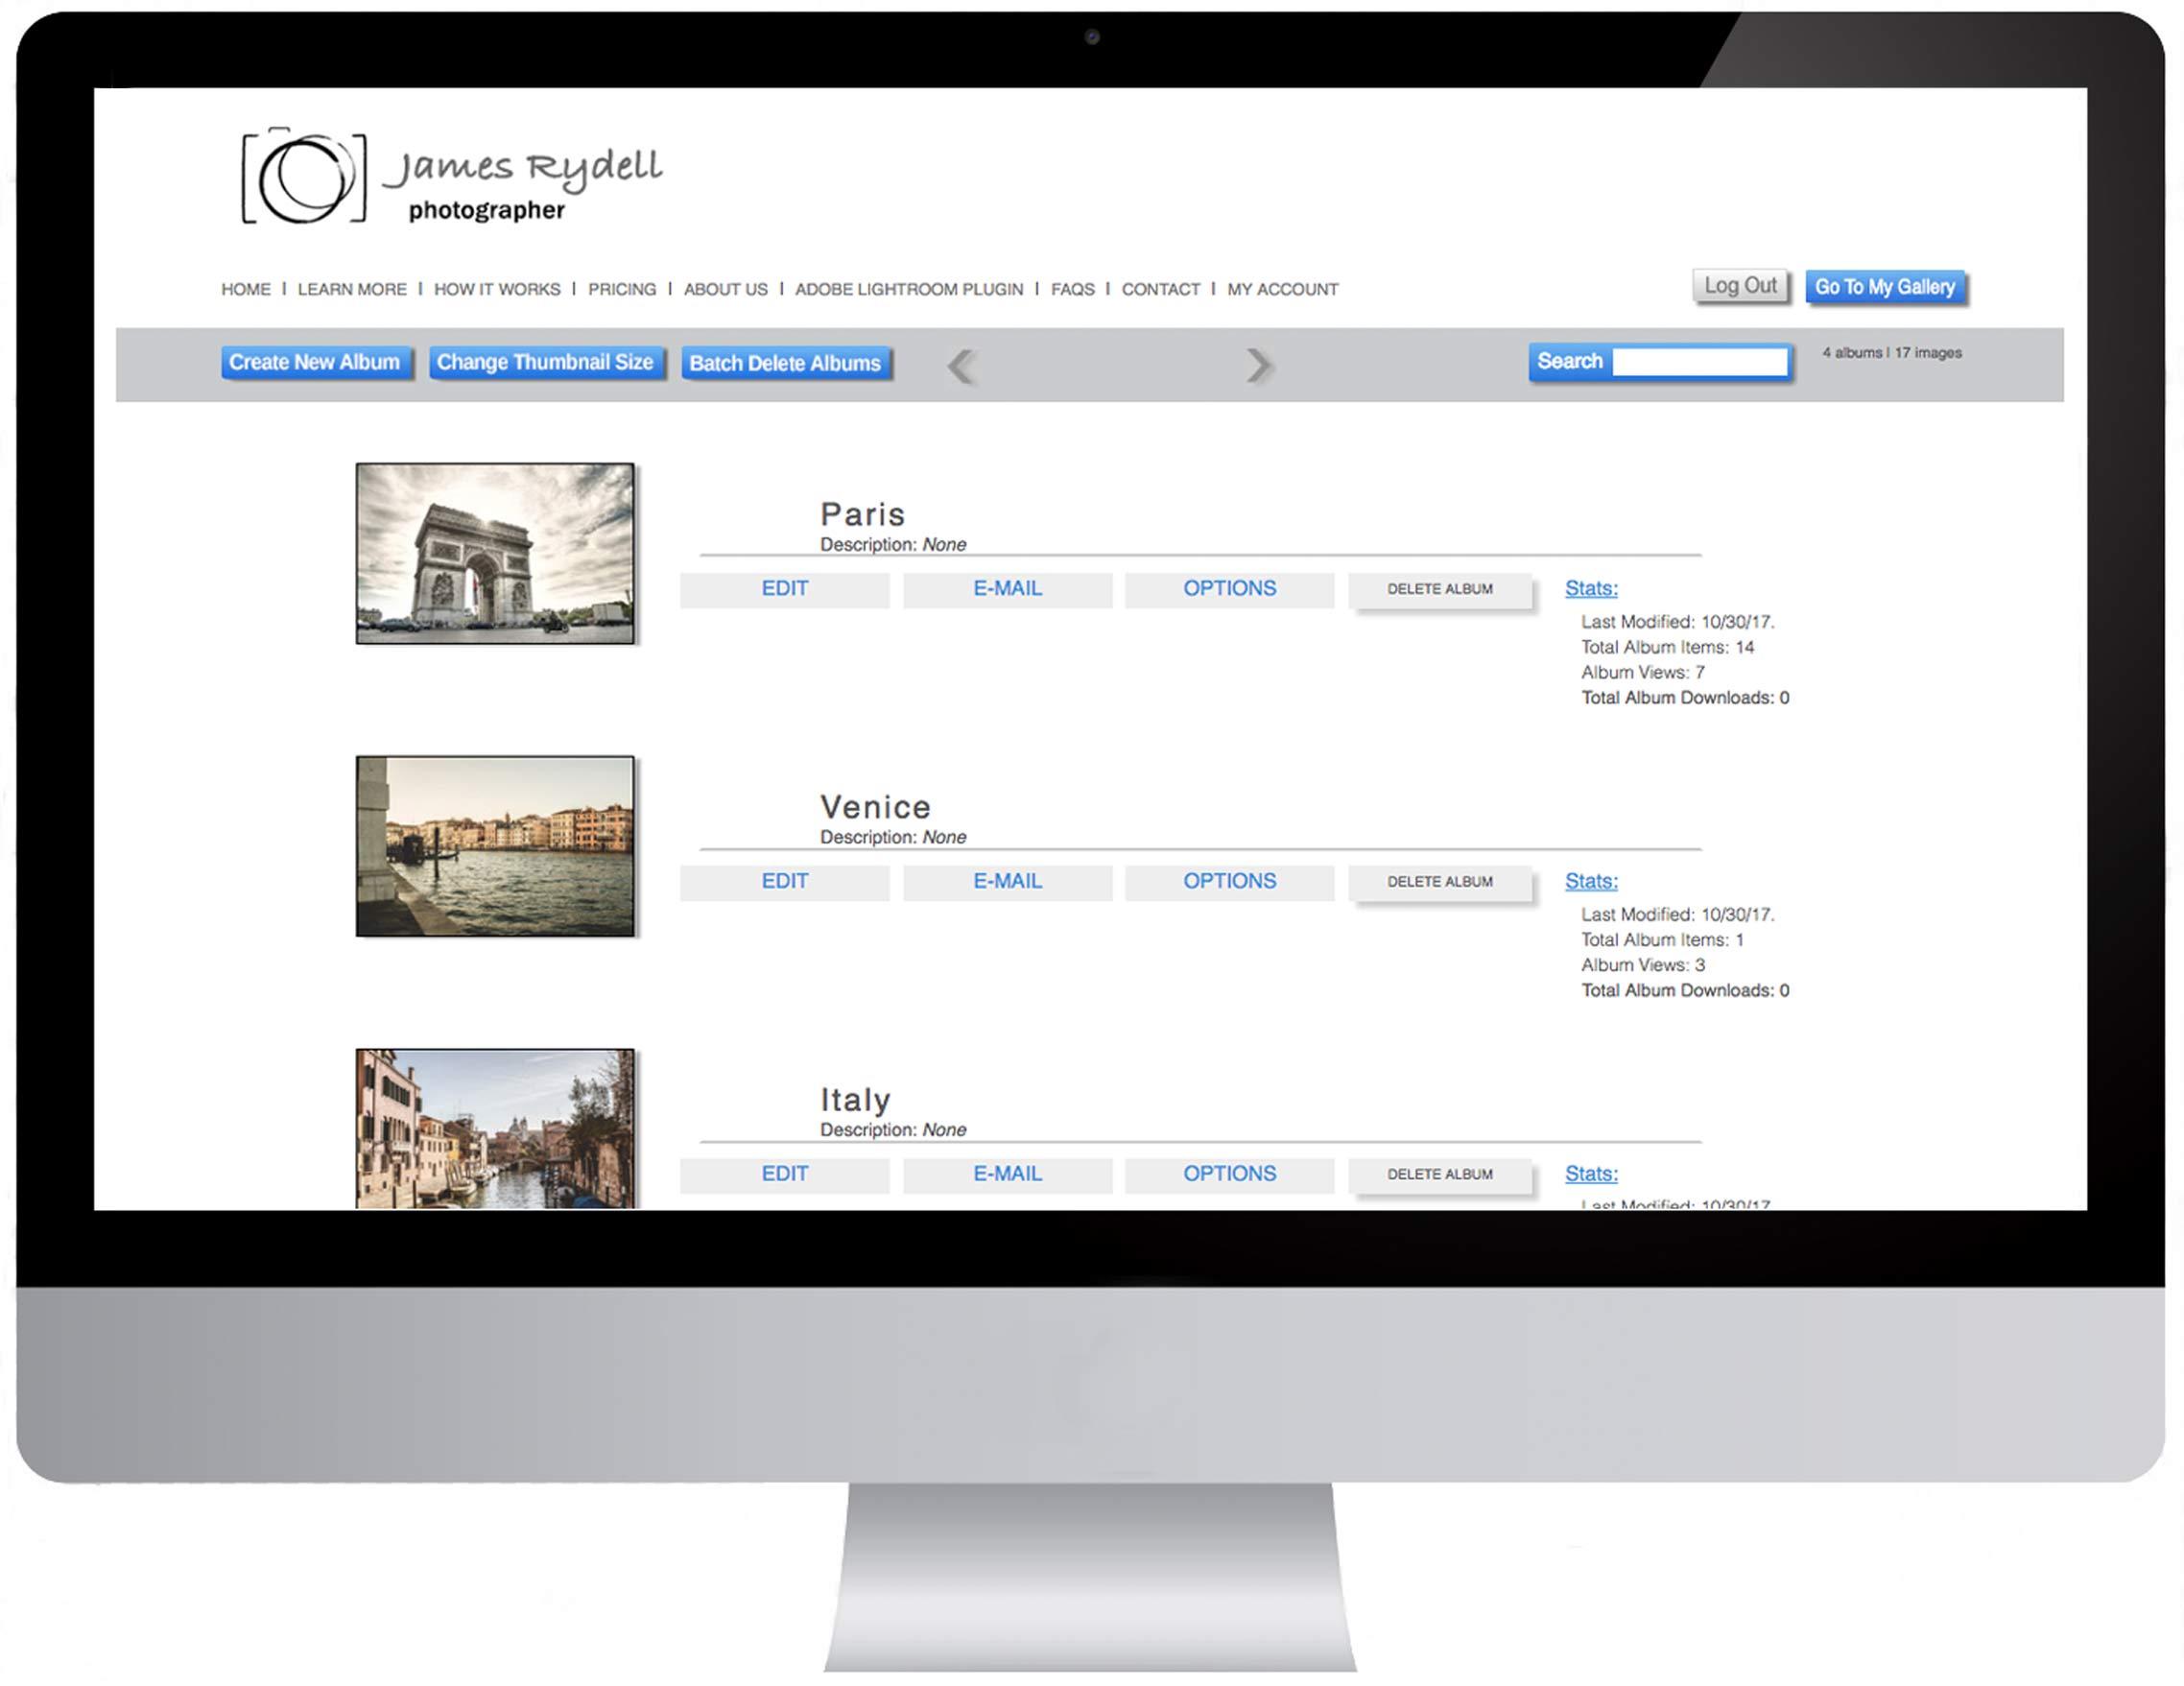 PixOasis - Digital Image Delivery